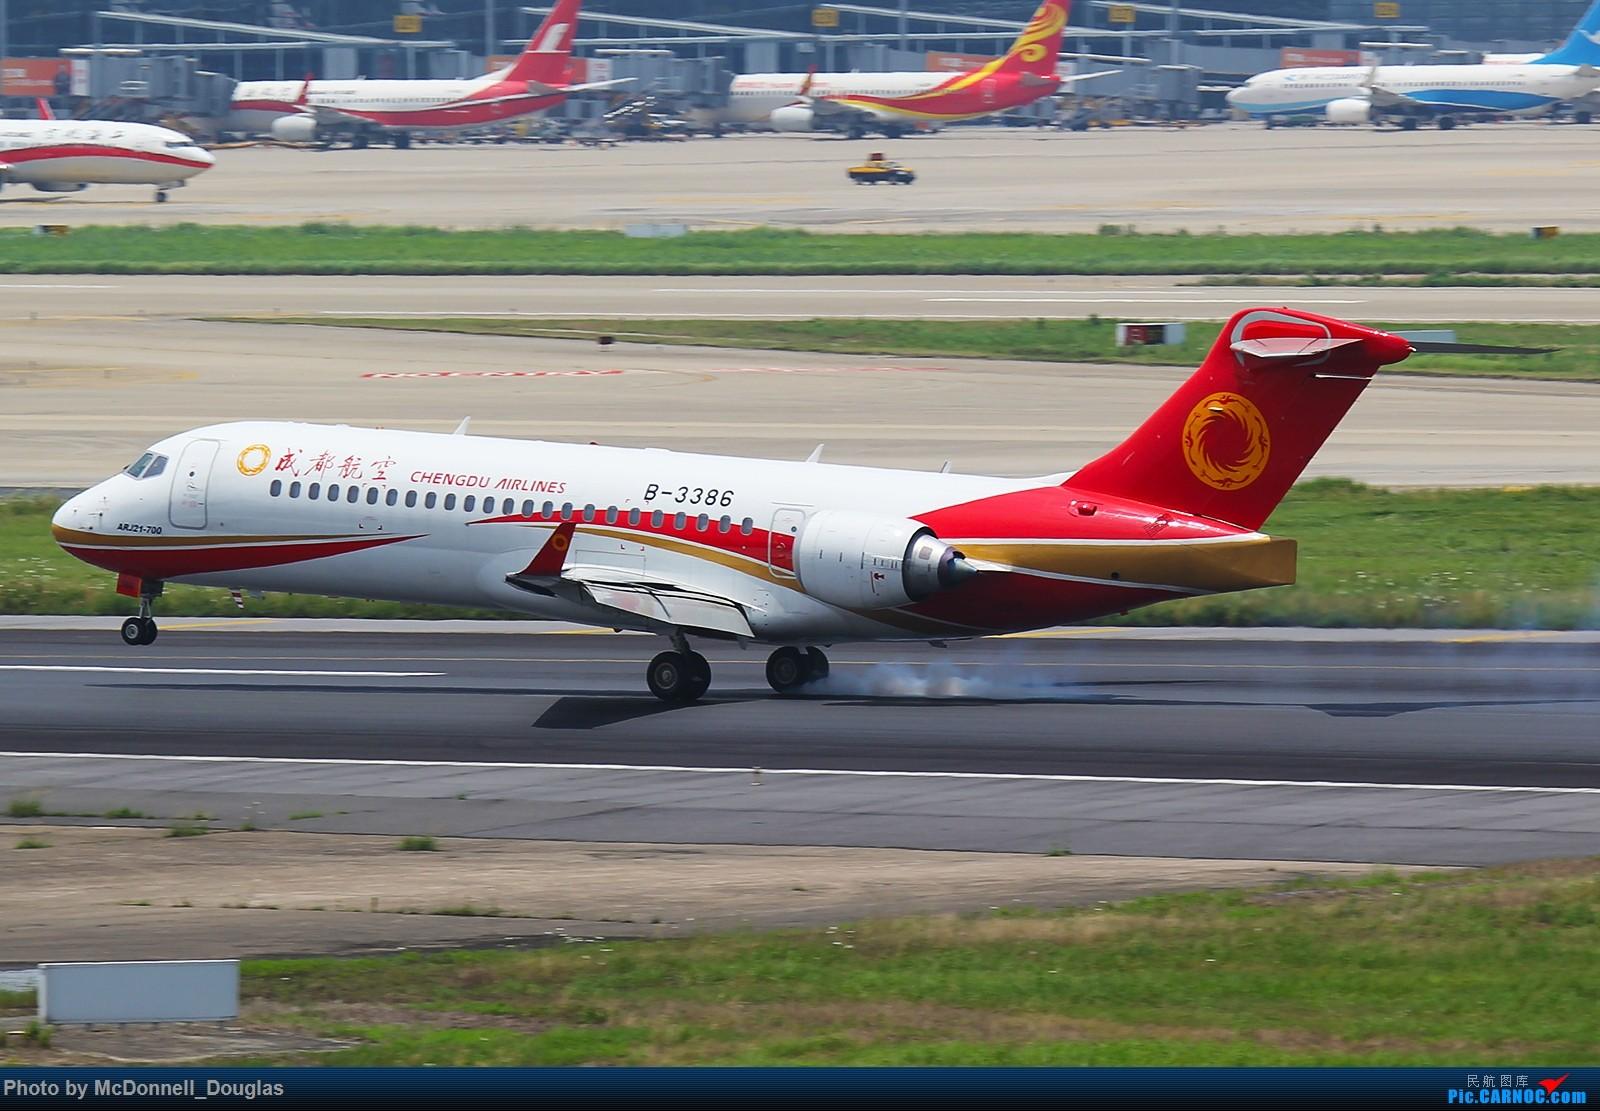 Re:[原创]【上海飞友会】虹桥诡异擦烟位的高清arj一组 COMAC ARJ21-700 B-3386 中国上海虹桥国际机场